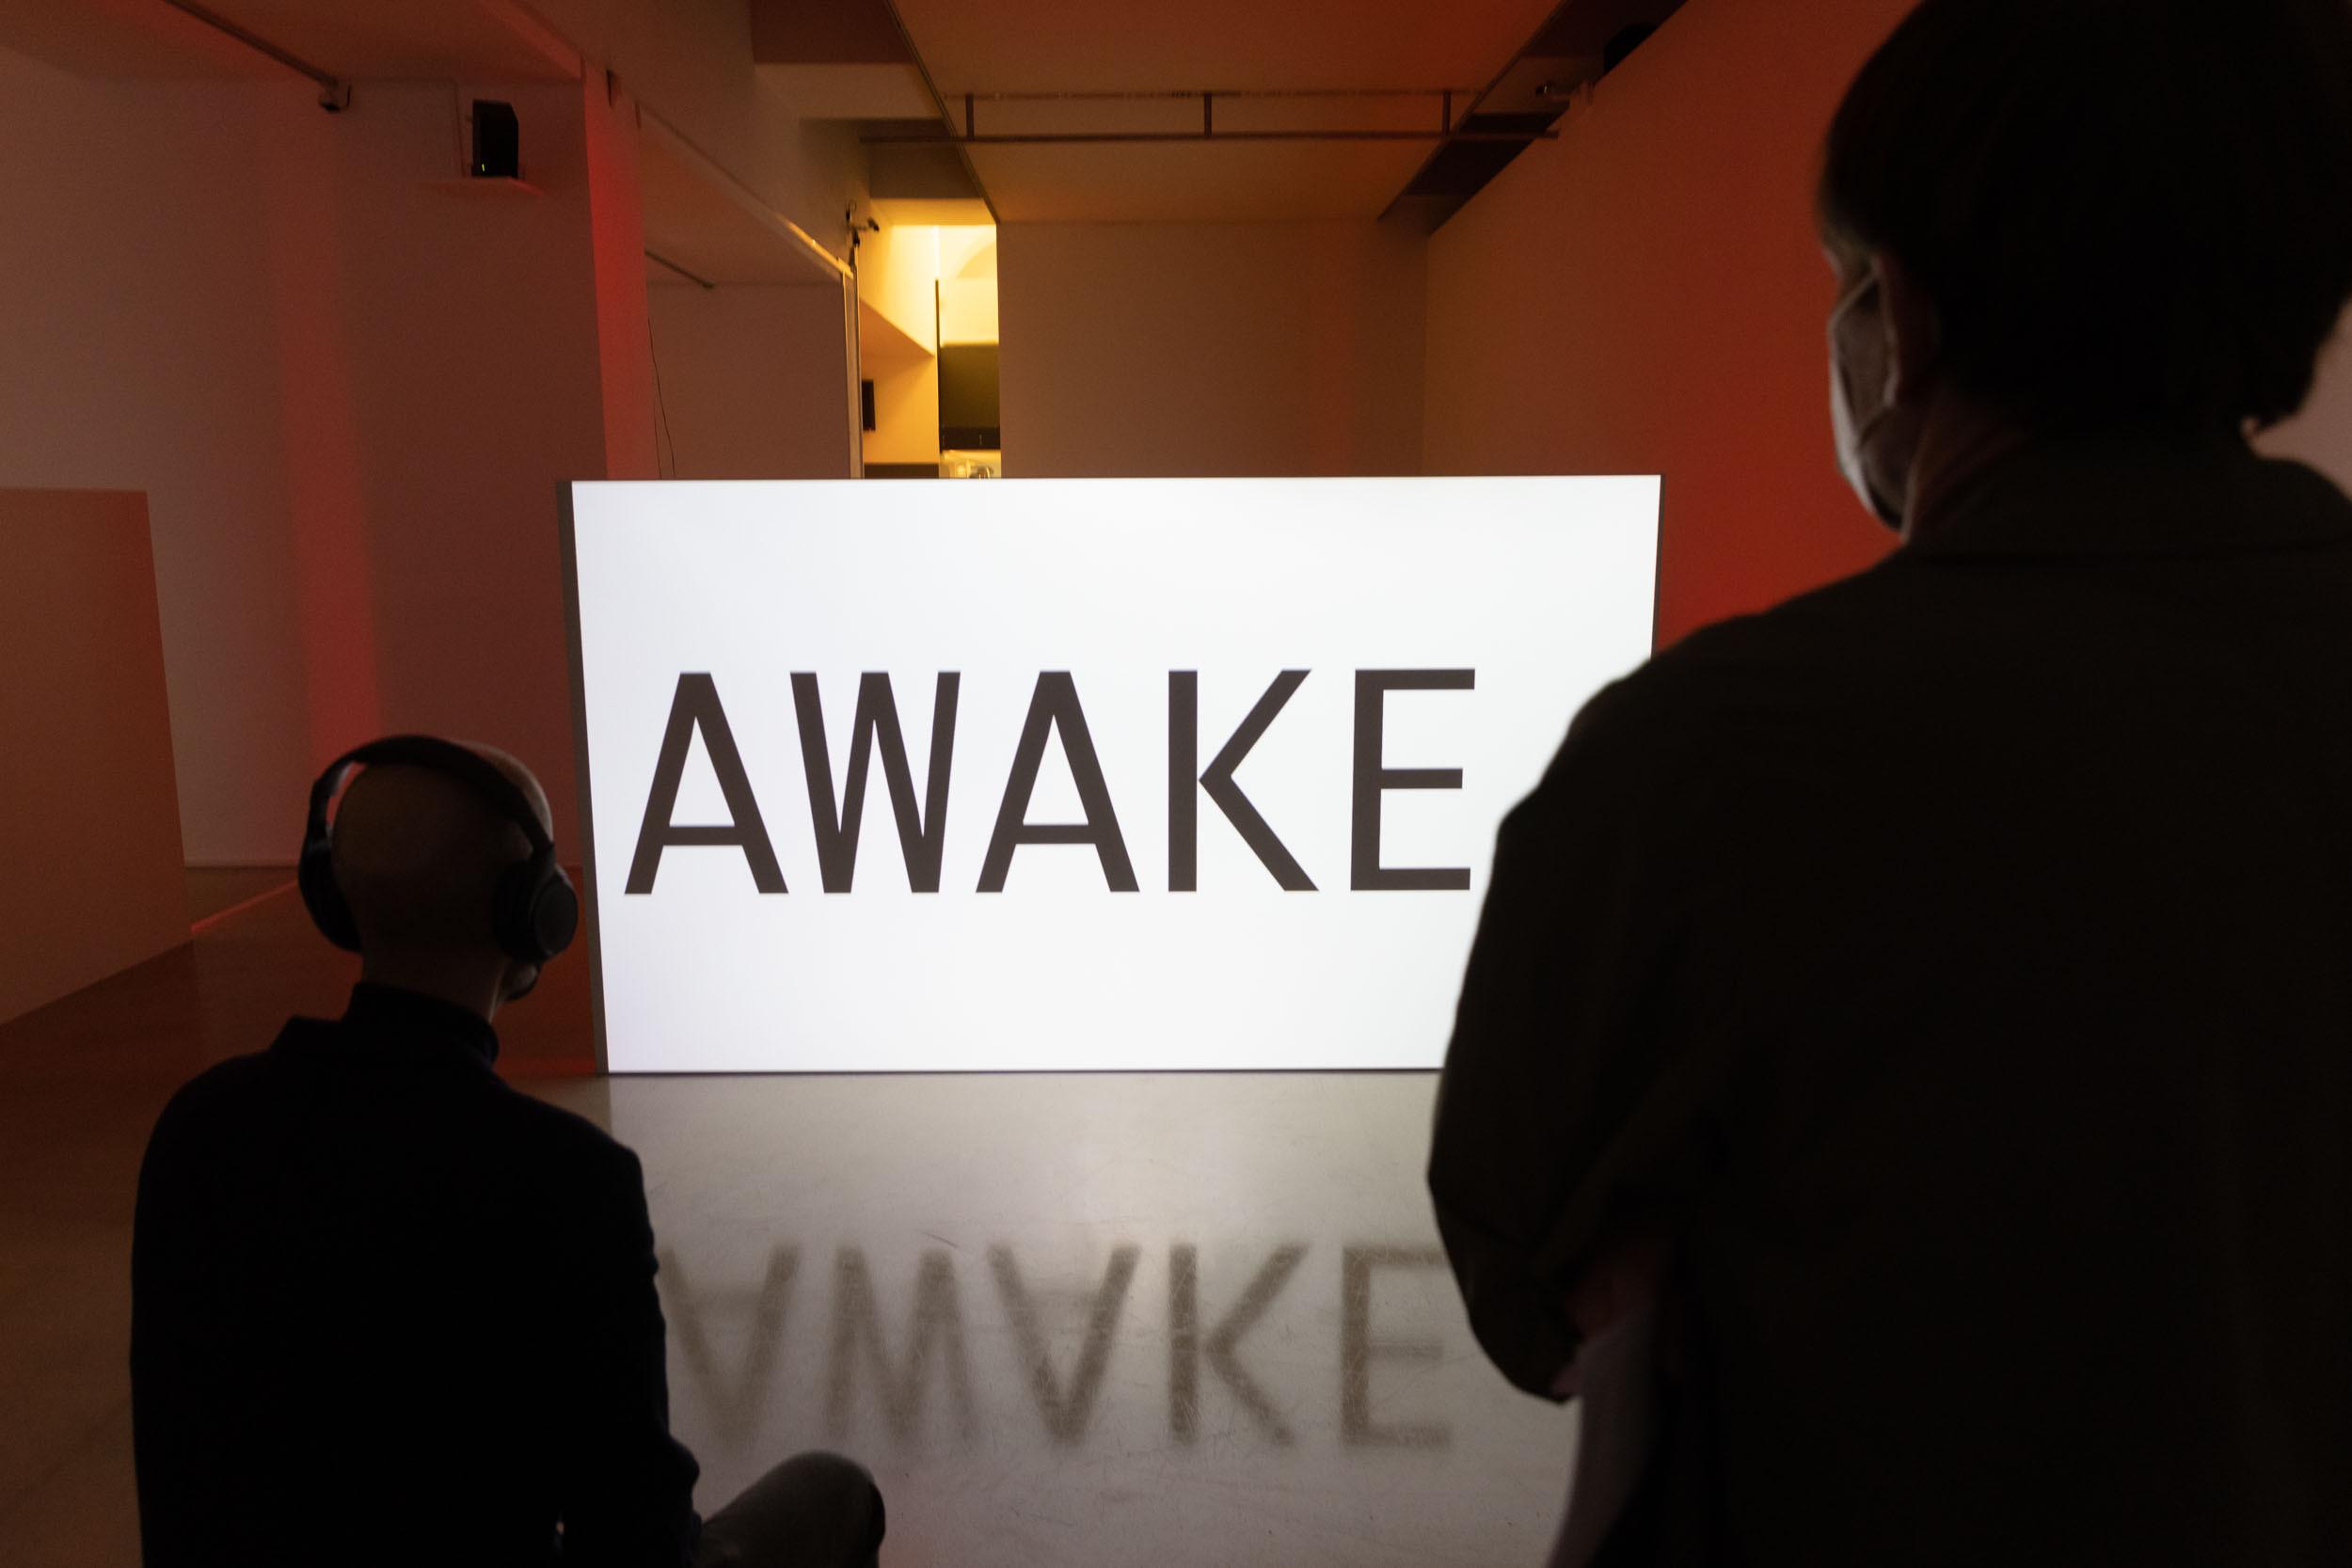 eSeL Foto: Wake Words (Kunstraum Niederösterreich, 1.10. - 27.11.2021, Eröffnung)